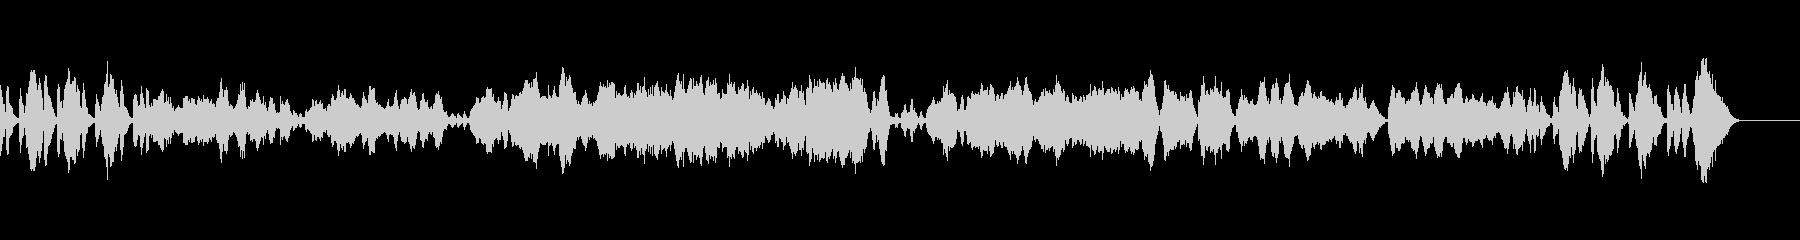 RV522_2『ラルゲット』ビバルディの未再生の波形